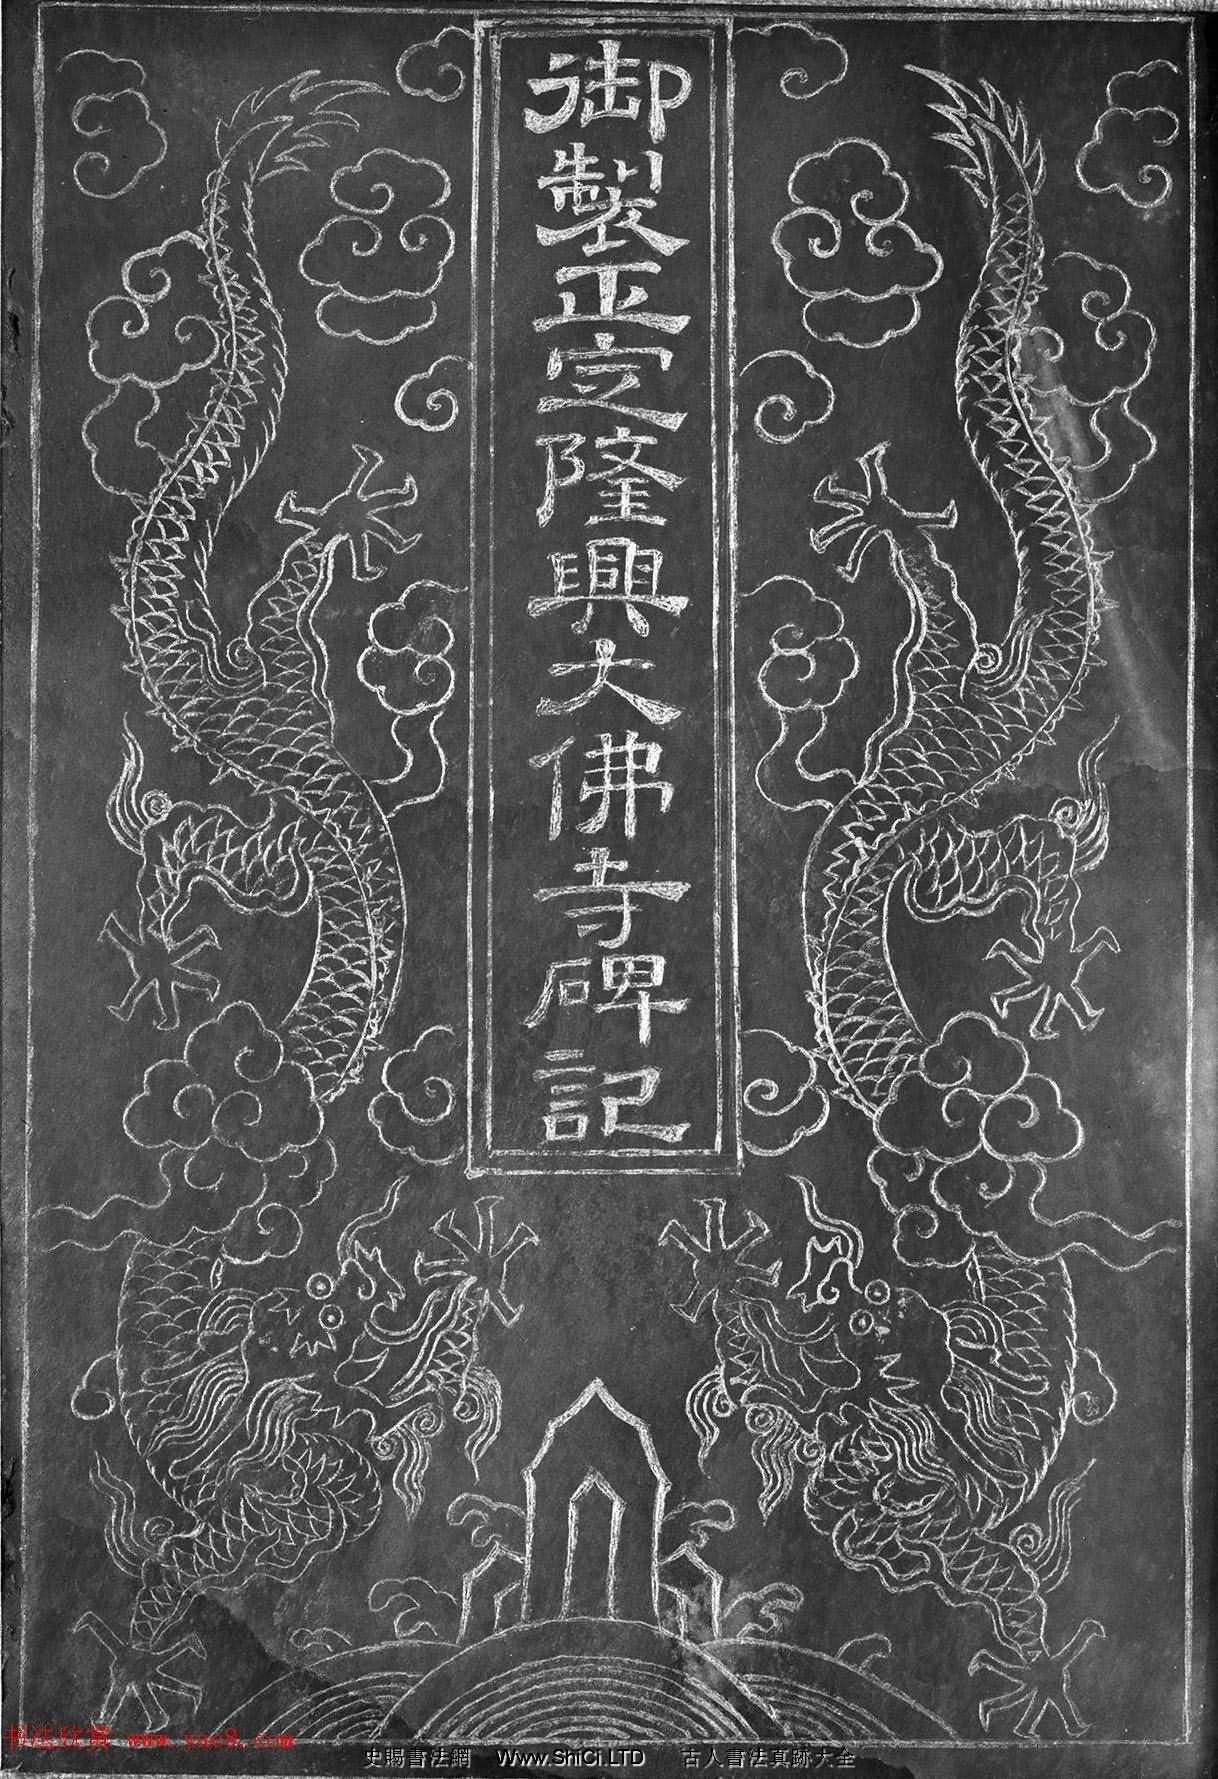 董誥楷書《御制重修正定隆興大佛寺碑記》(共8張圖片)